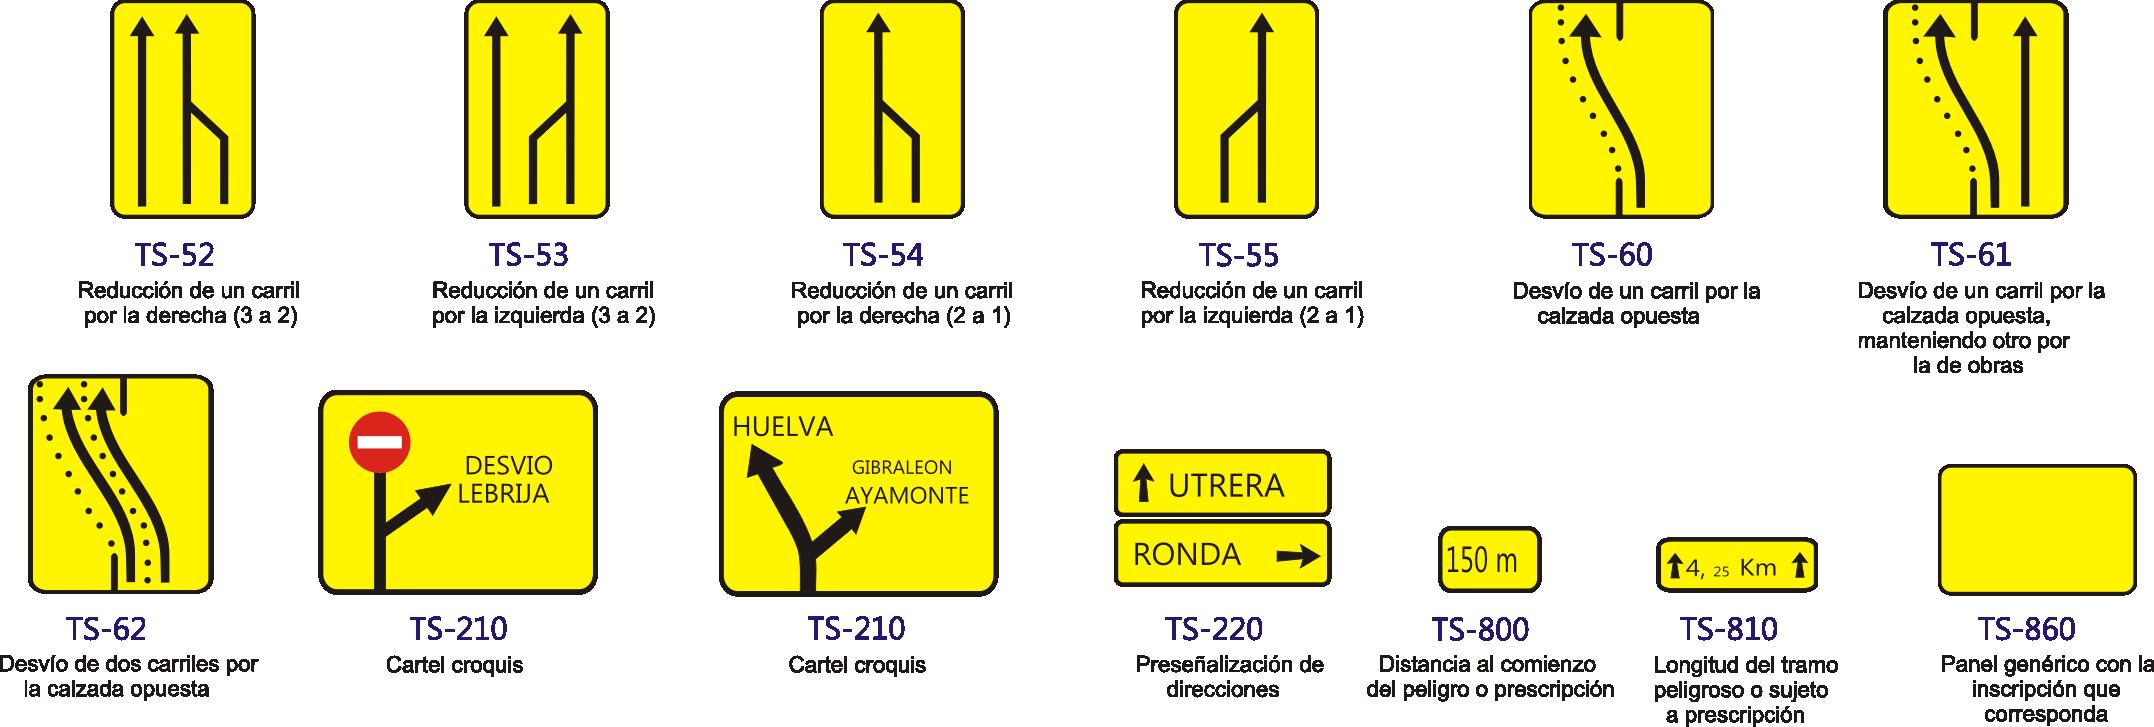 2013. Señal Trafic Maribañez S.C --. Todos los derechos ...: senaltrafico.com/productos/senales-obra/indicacion-obras